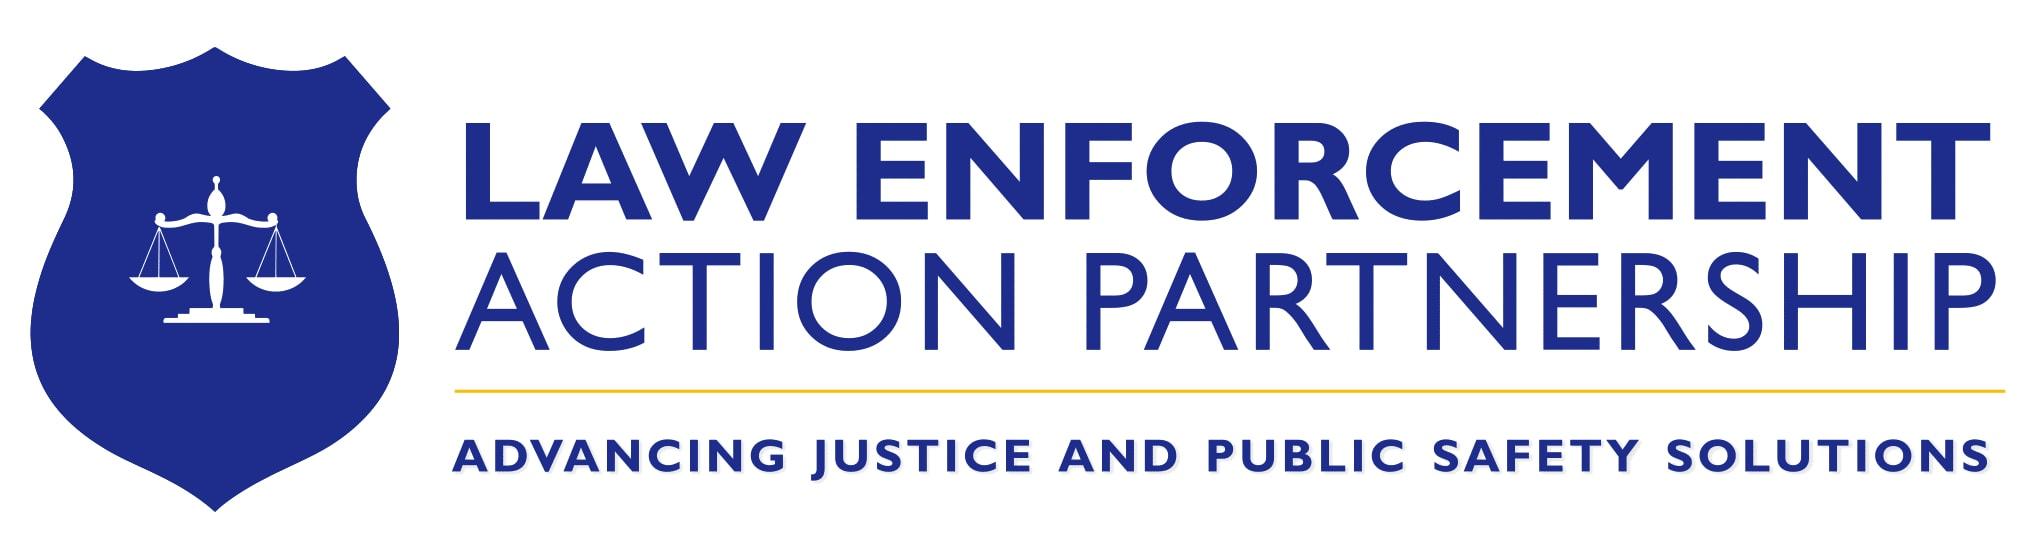 Law Enforcement Action Partnership (LEAP) logo